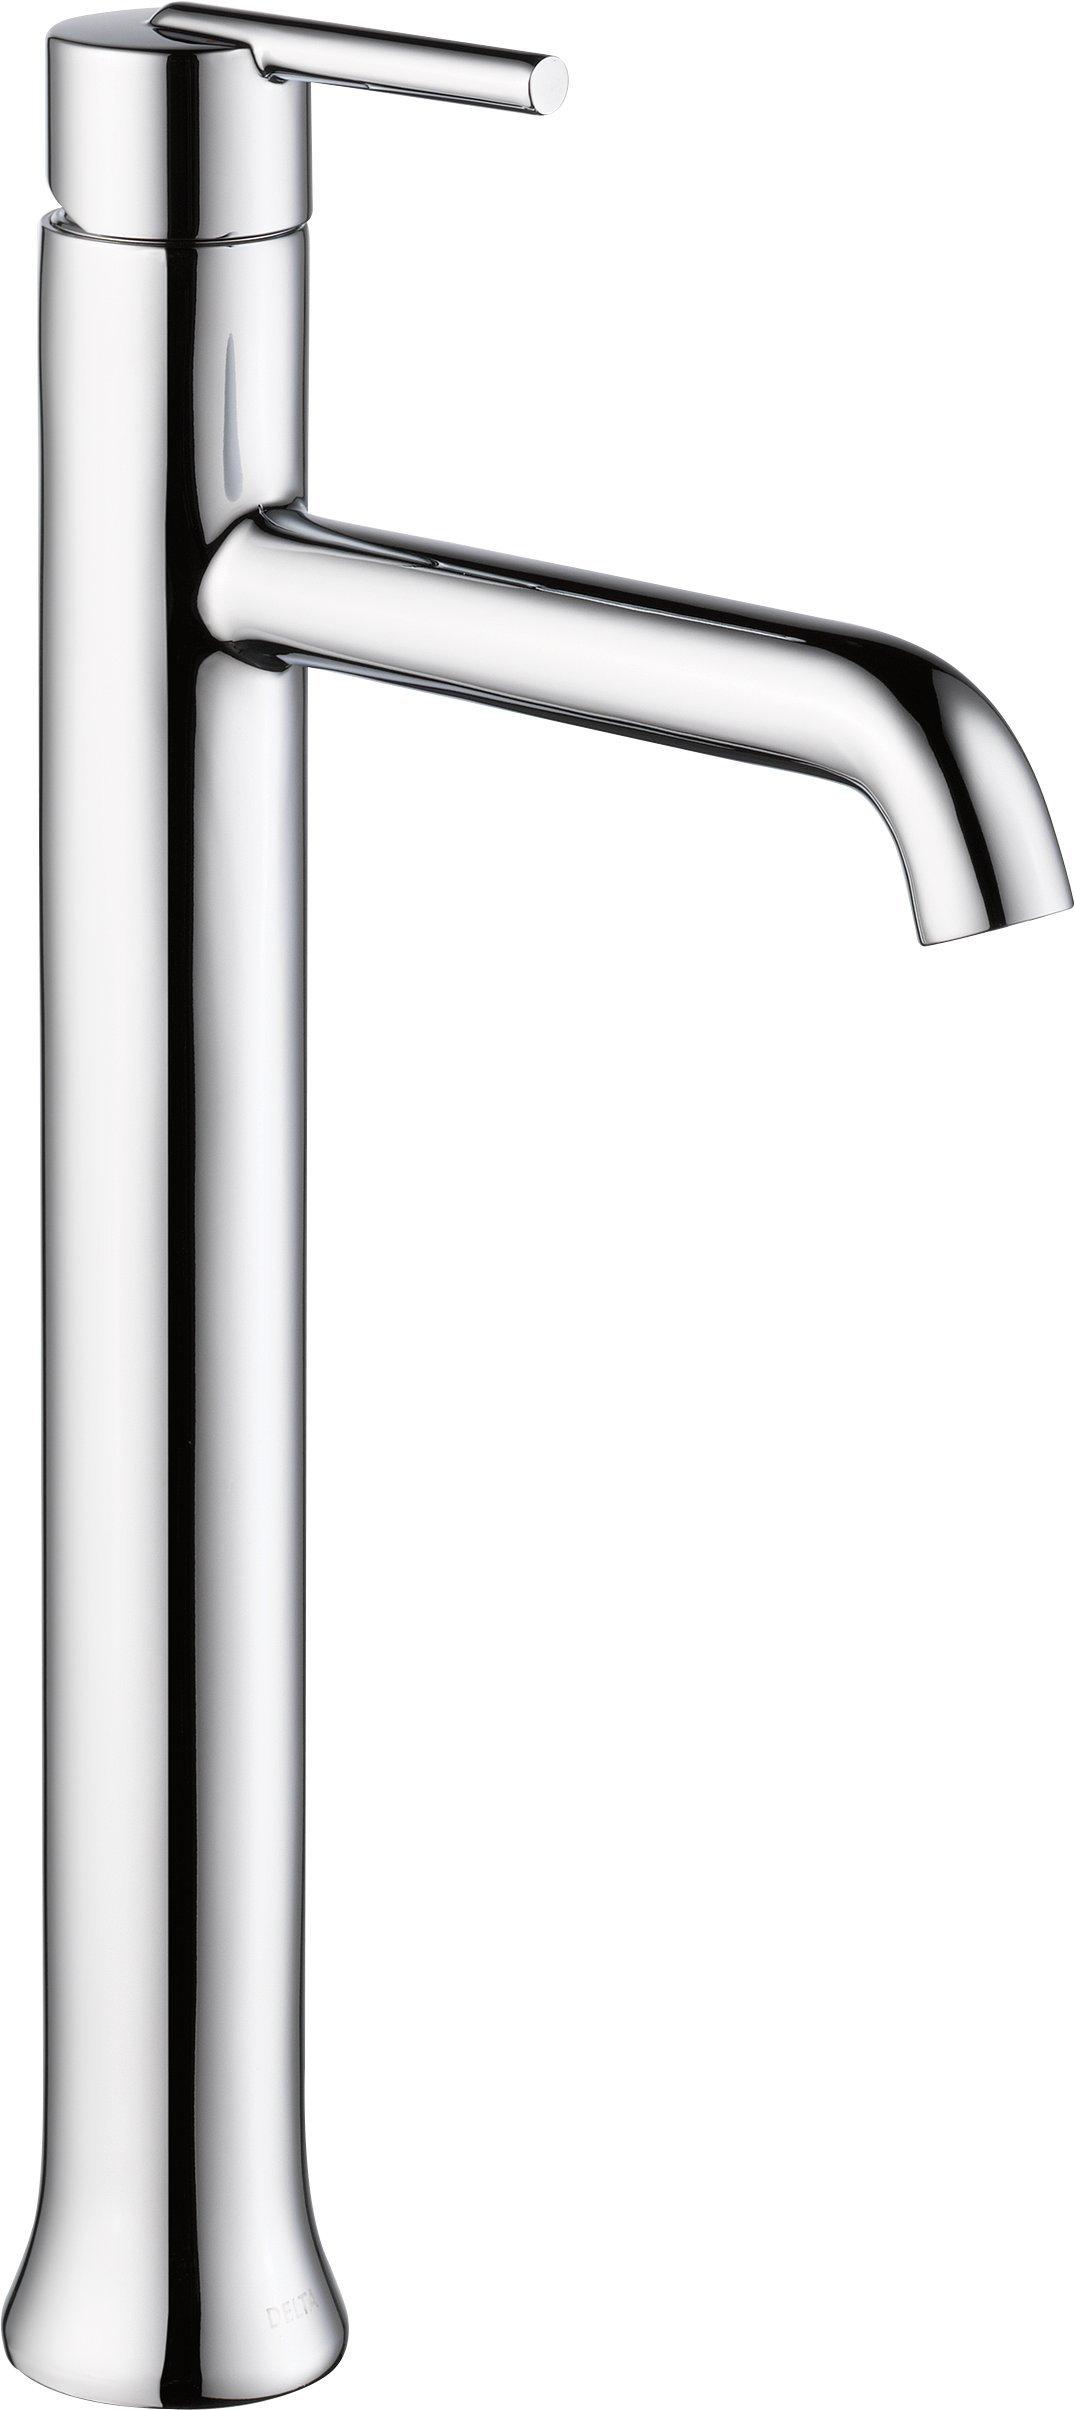 Delta Faucet 759-DST Trinsic Single Handle Single Hole Bathroom Faucet for Vessel Sinks, Chrome